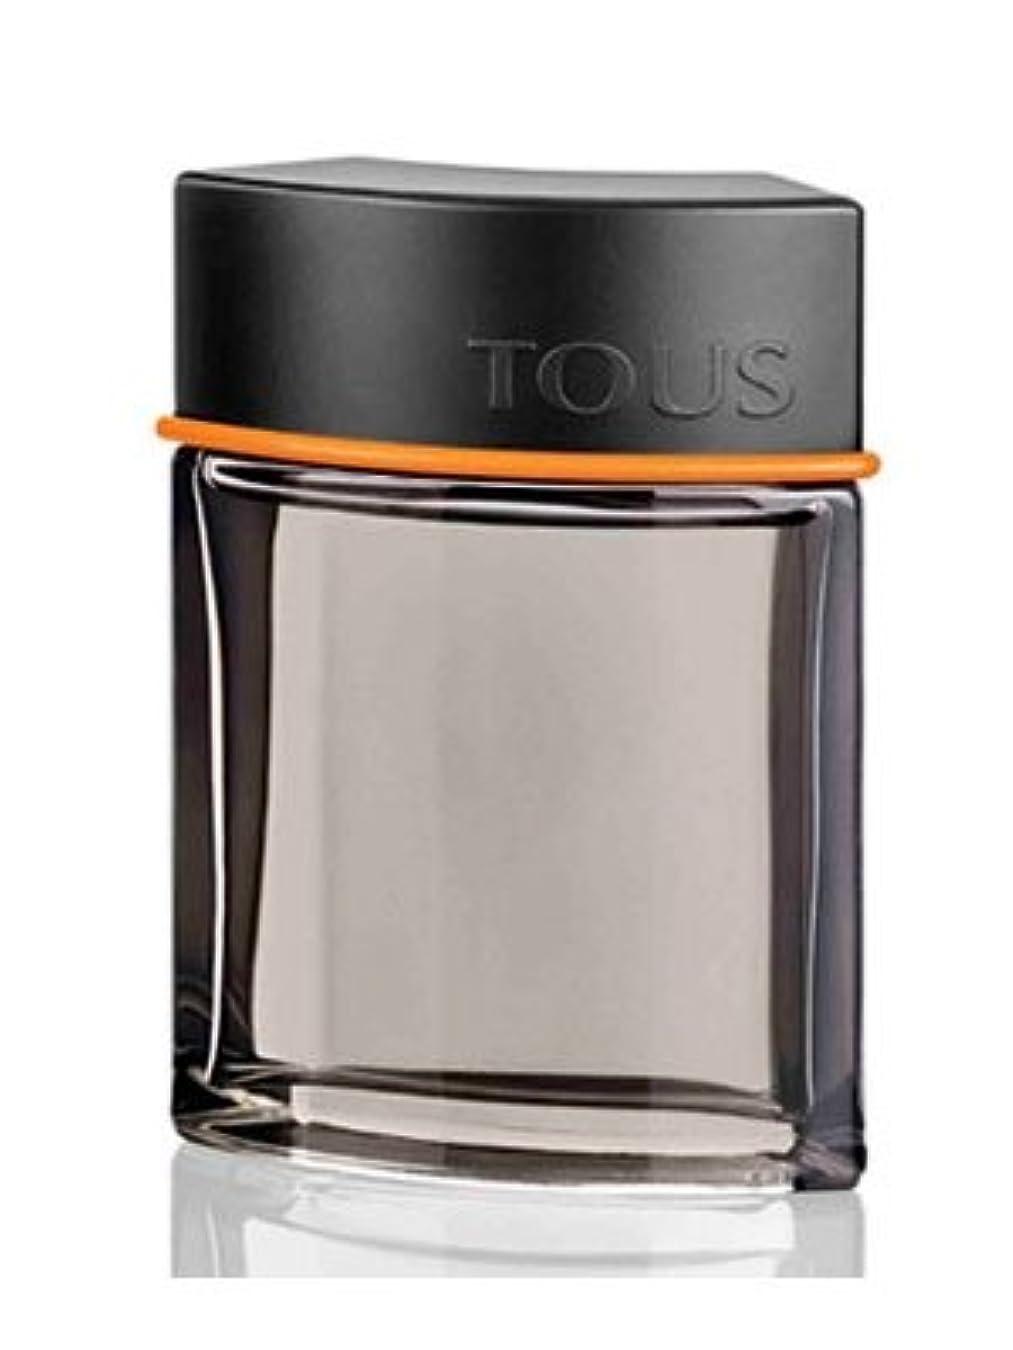 バトルあそこ成果Tous Man Intense (タウ マン インテンス) 3.4 oz (100ml) EDT Spray for Men